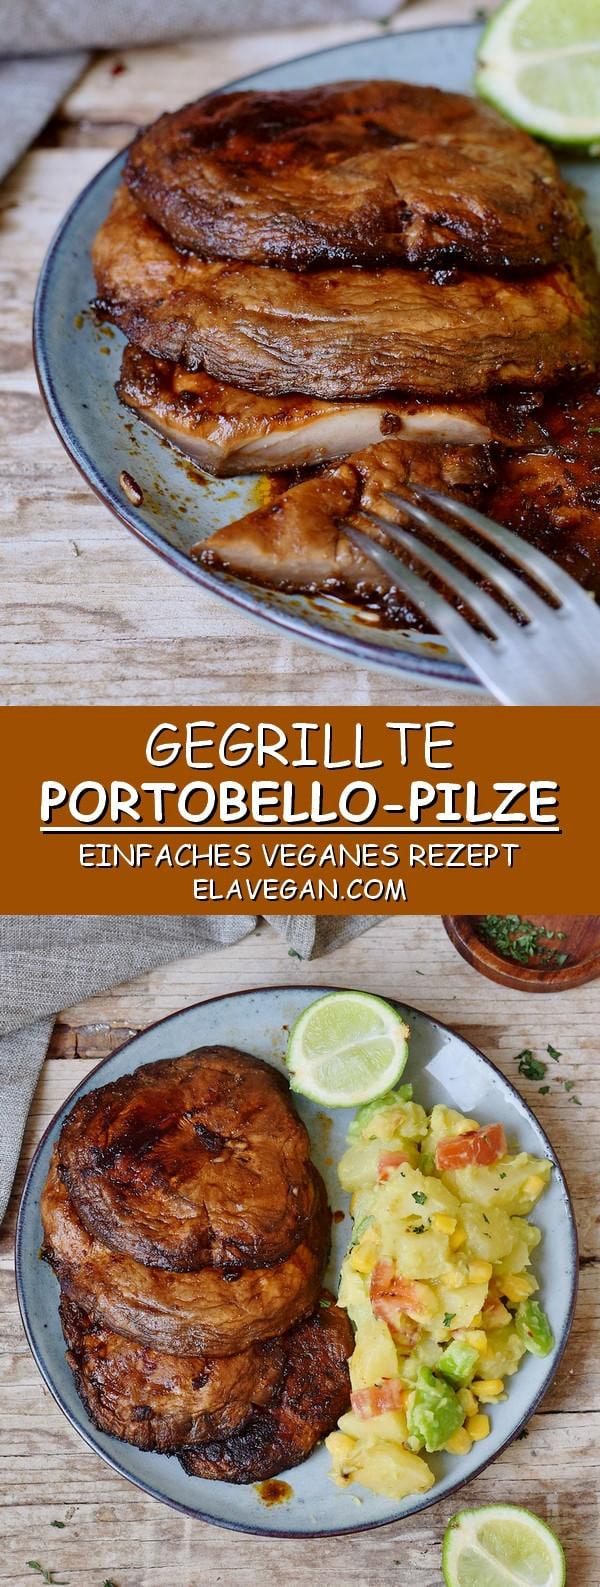 Gegrillte Portobello Pilze einfaches veganes Rezept